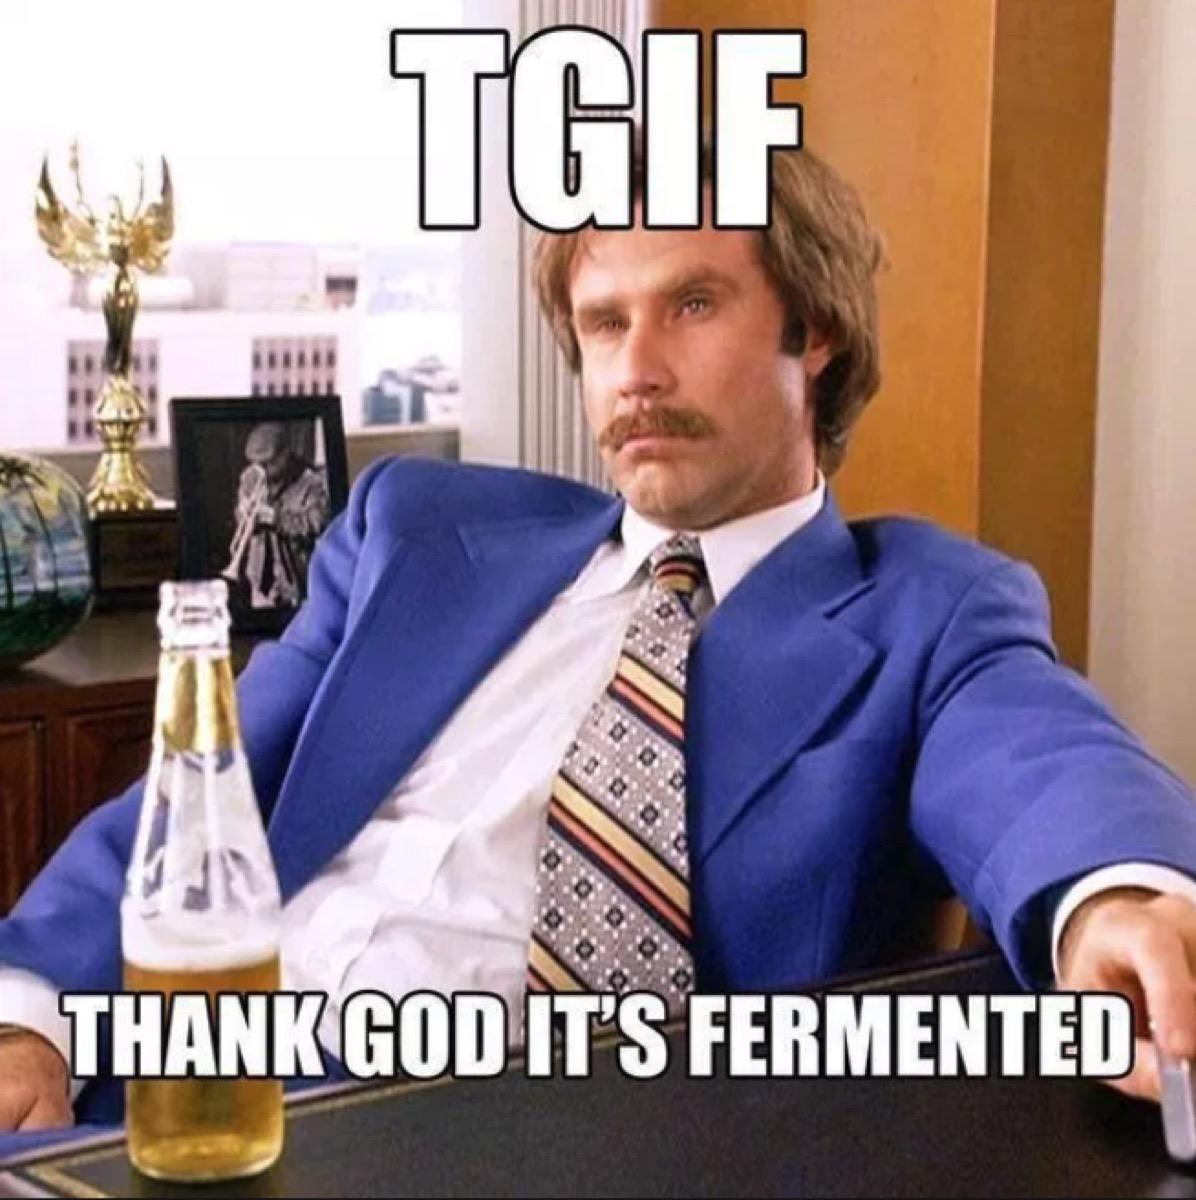 tgif meme thank god its fermented